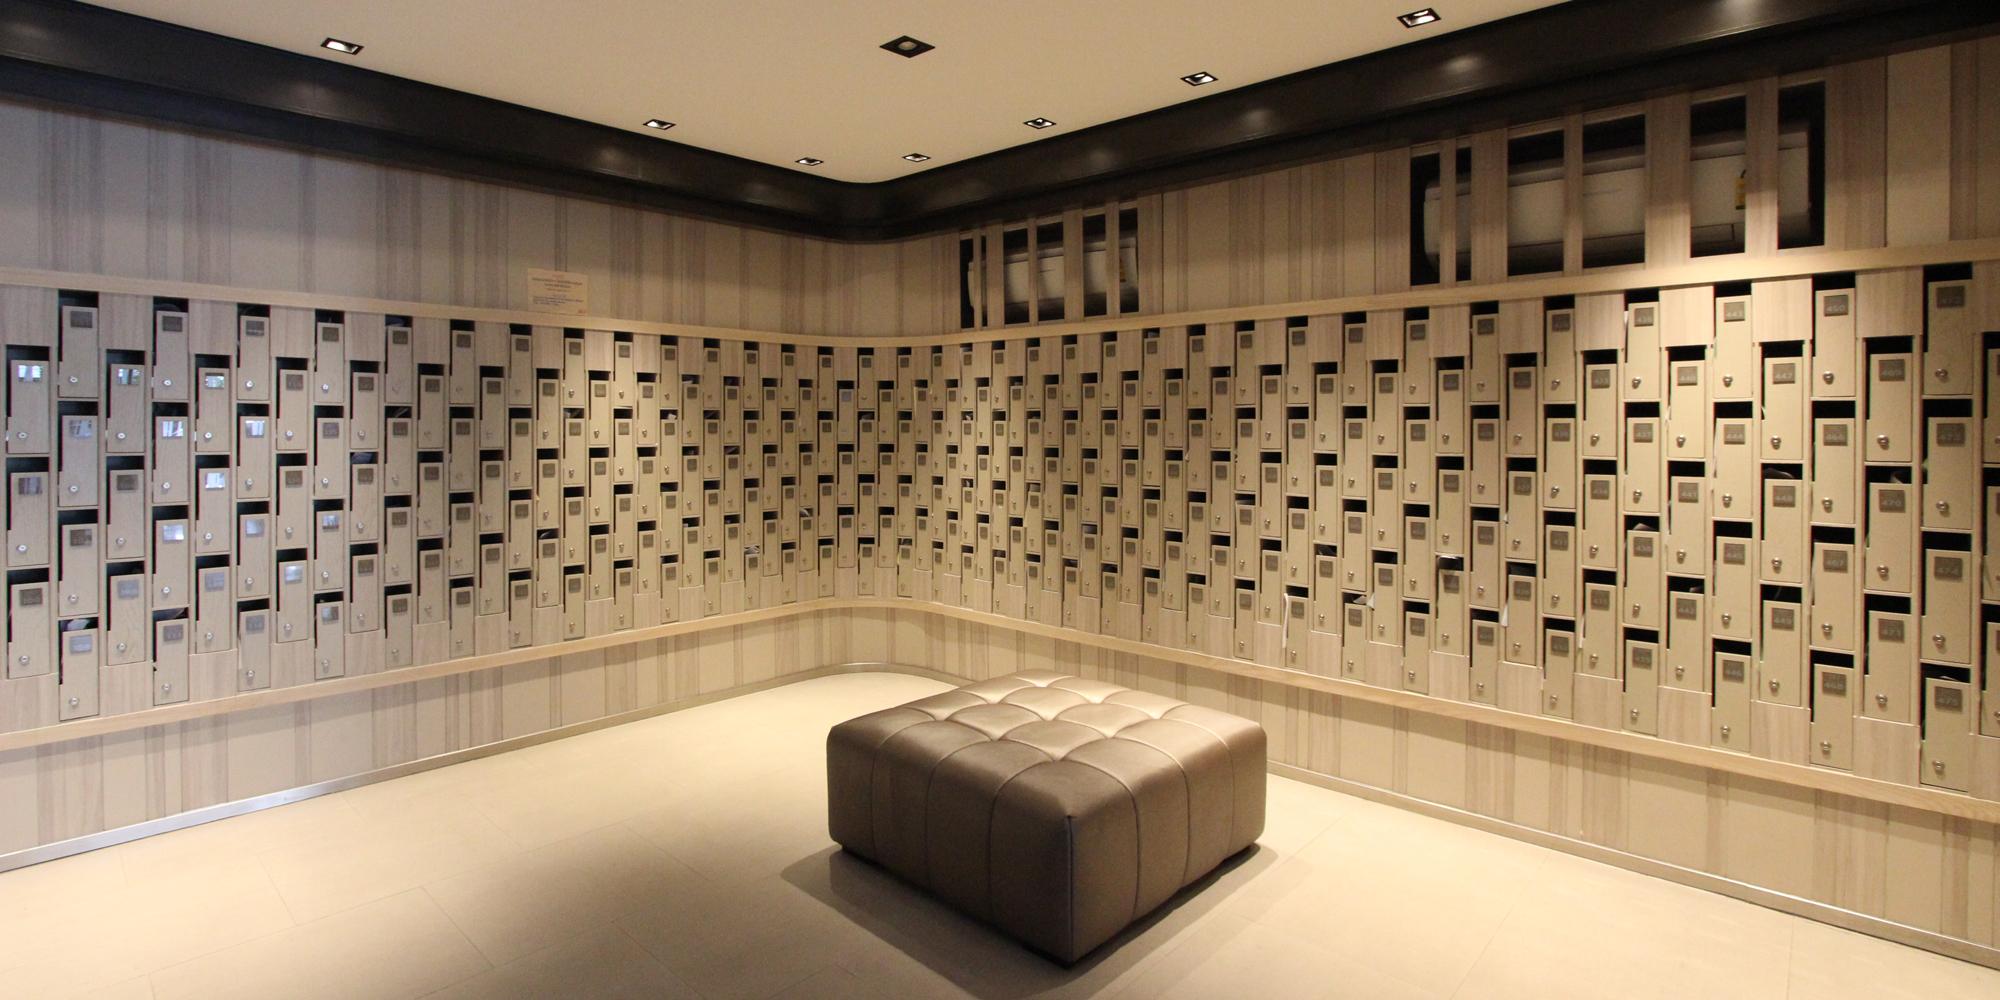 ให้เช่าคอนโด เซ็นทริค ห้วยขวาง พื้นที่ 50 ตร.เมตร ชั้น 29 2 ห้องนอน พร้อมเข้าอยู่